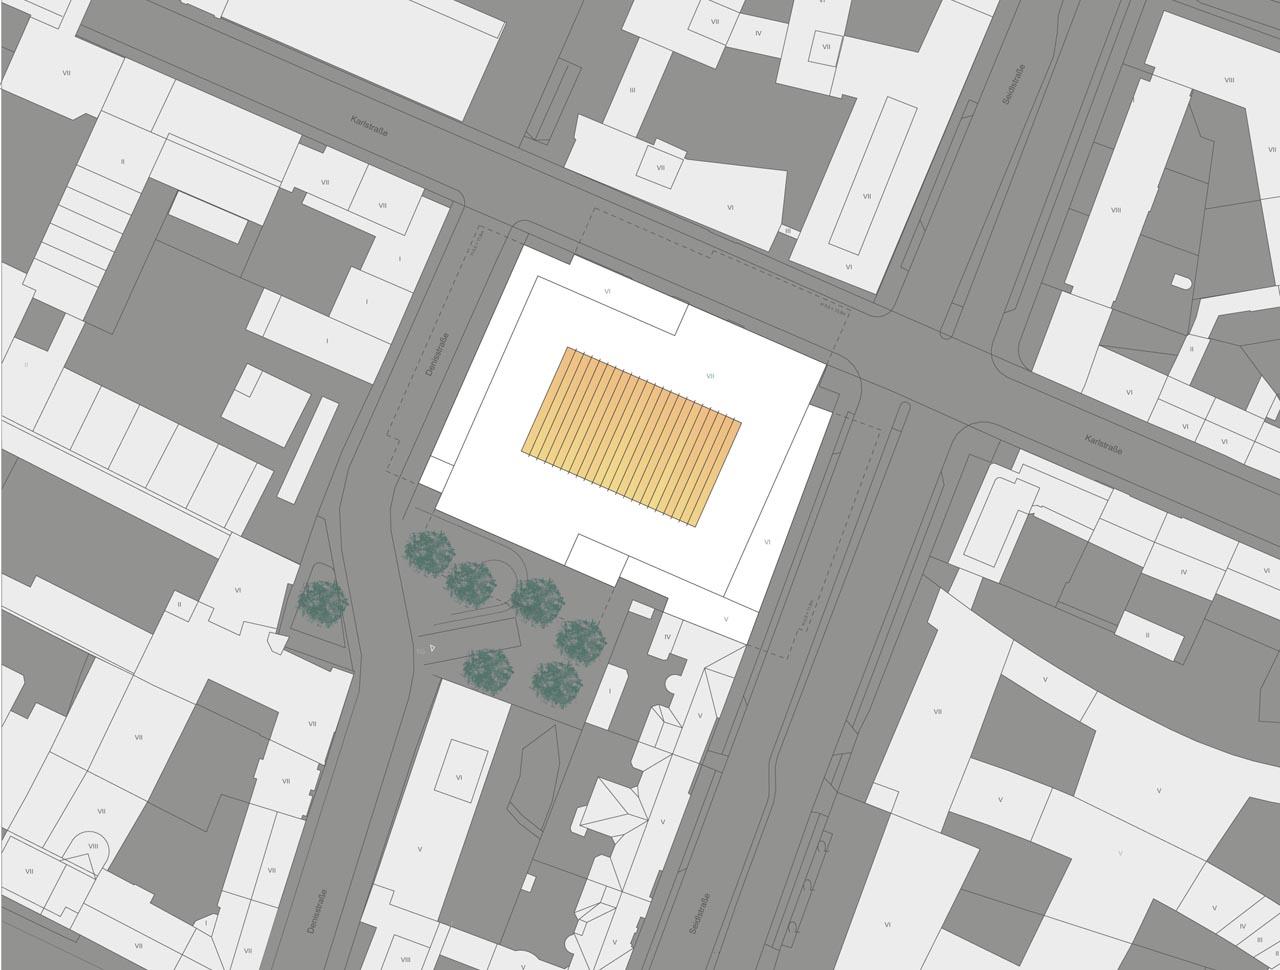 Entwurf Ziviljustizzentrum München